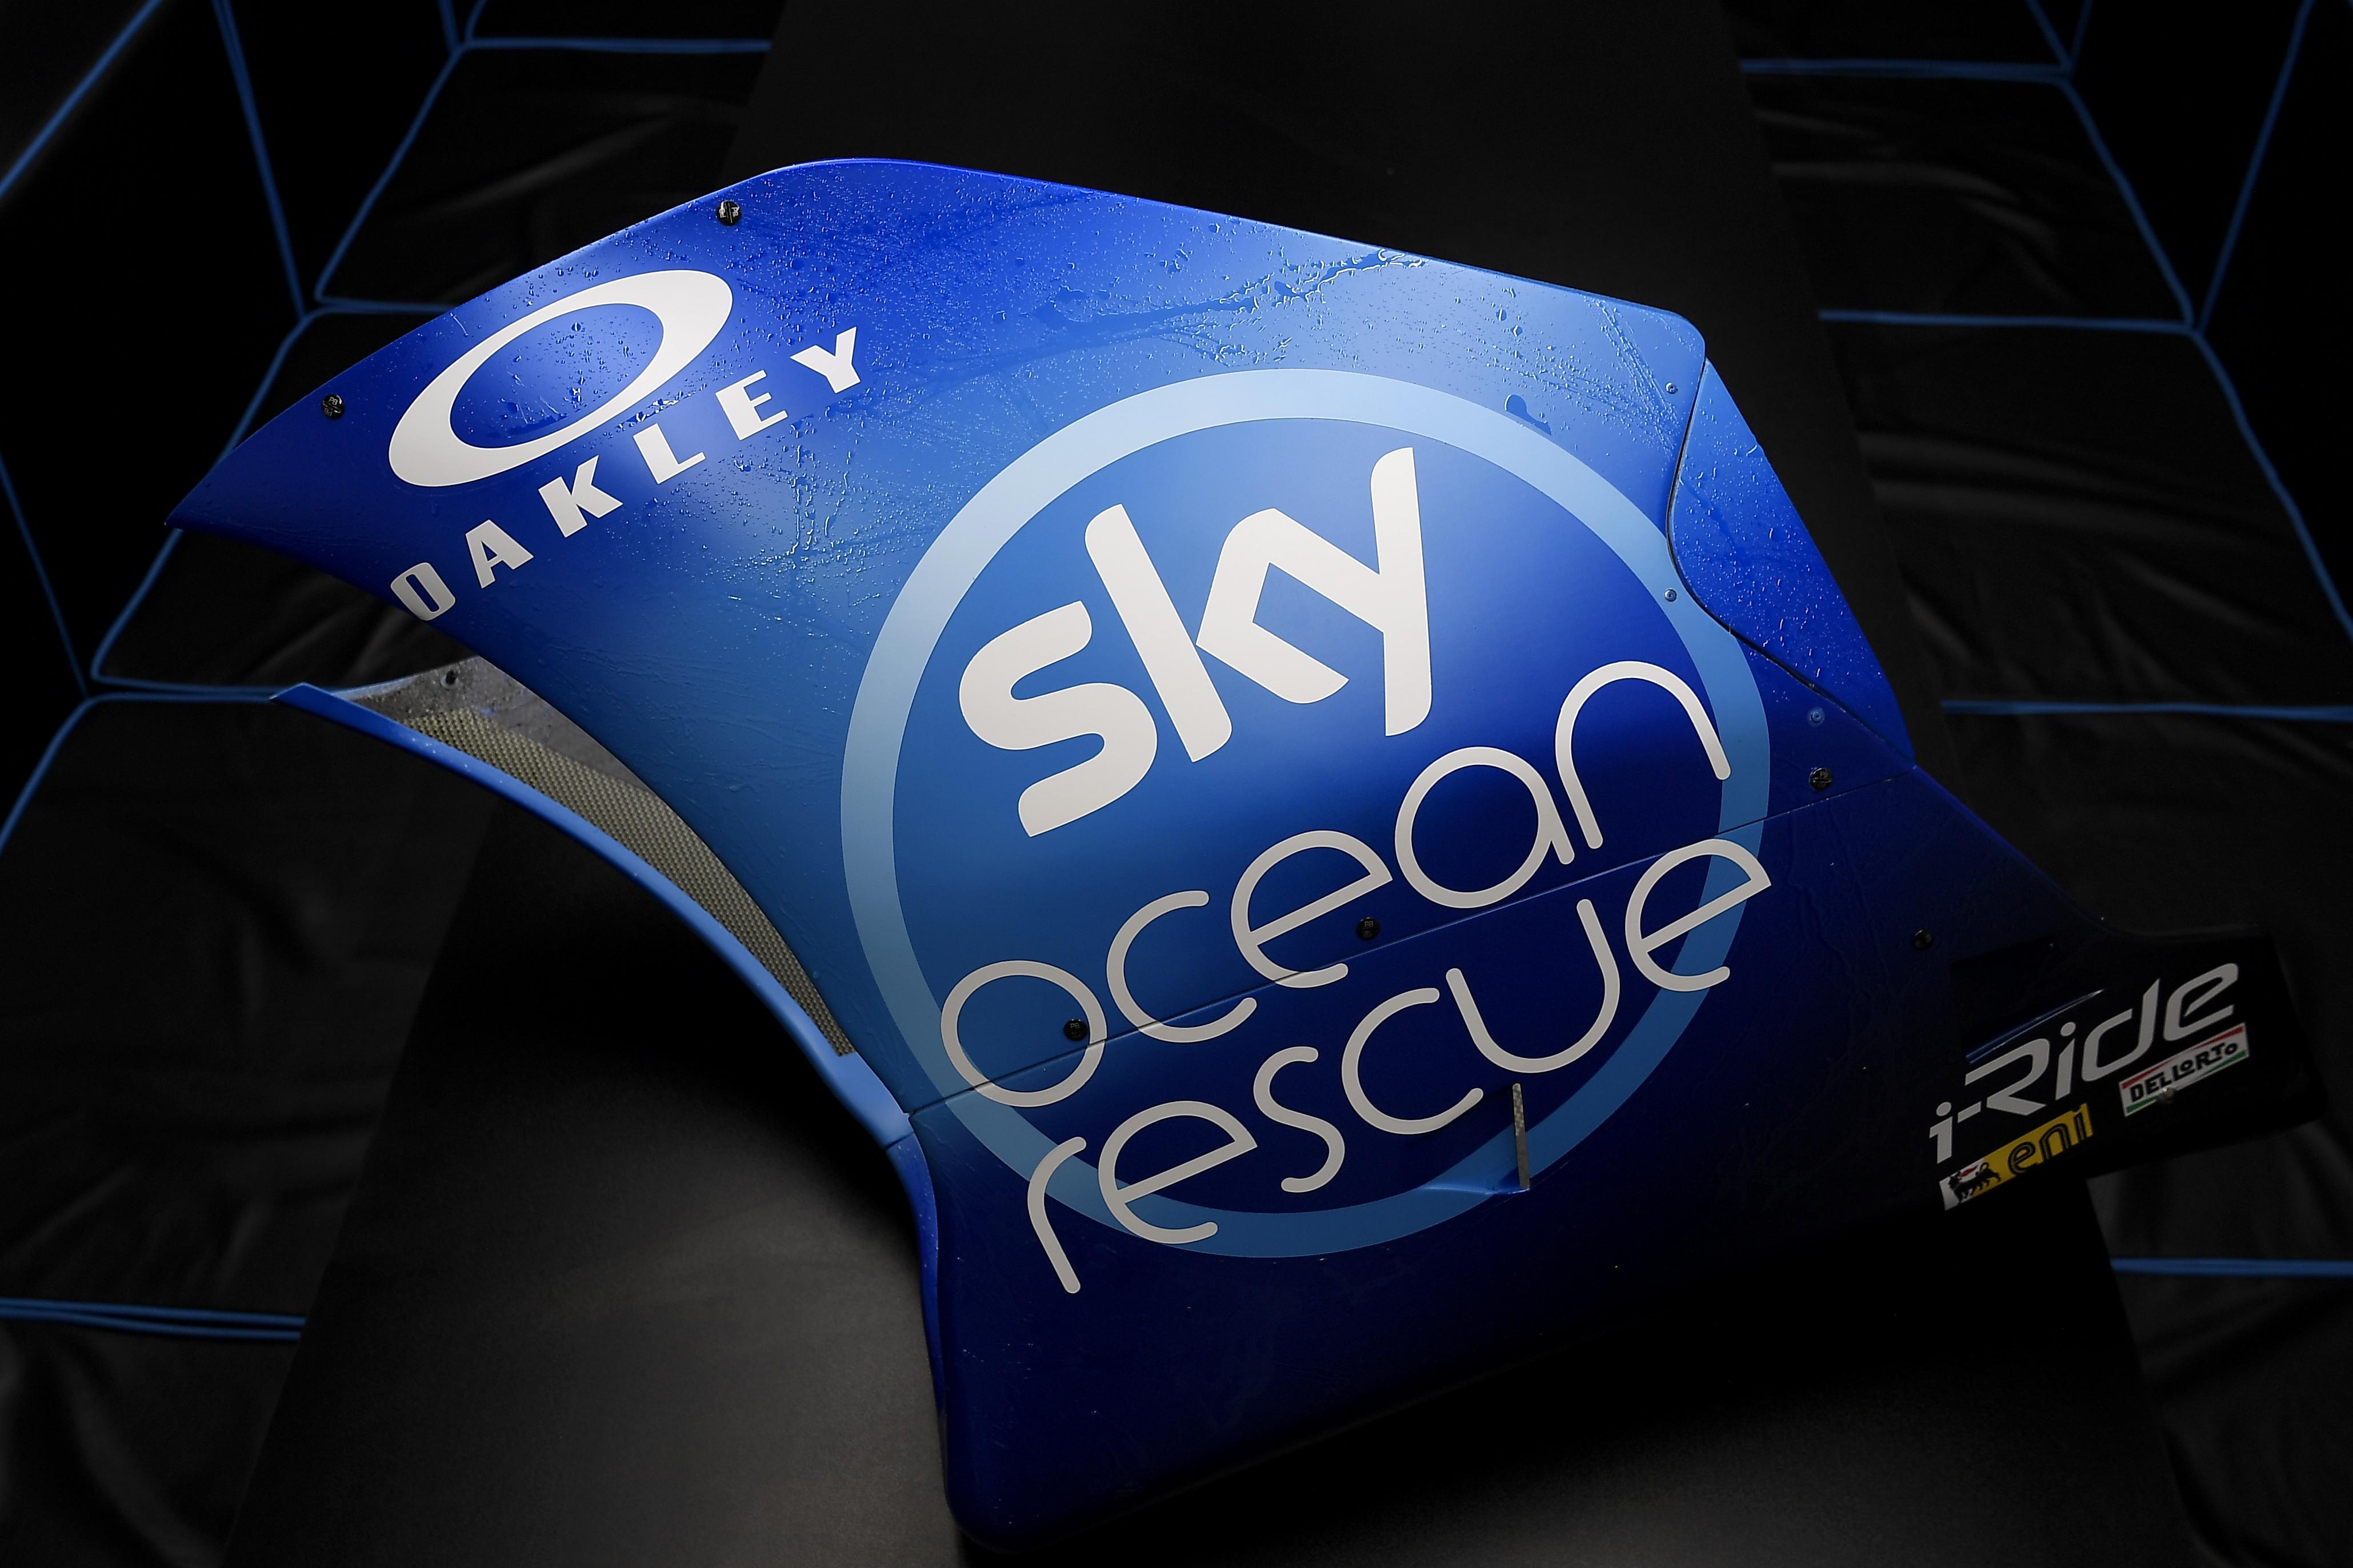 Sky Ocean Rescue a8934cc21